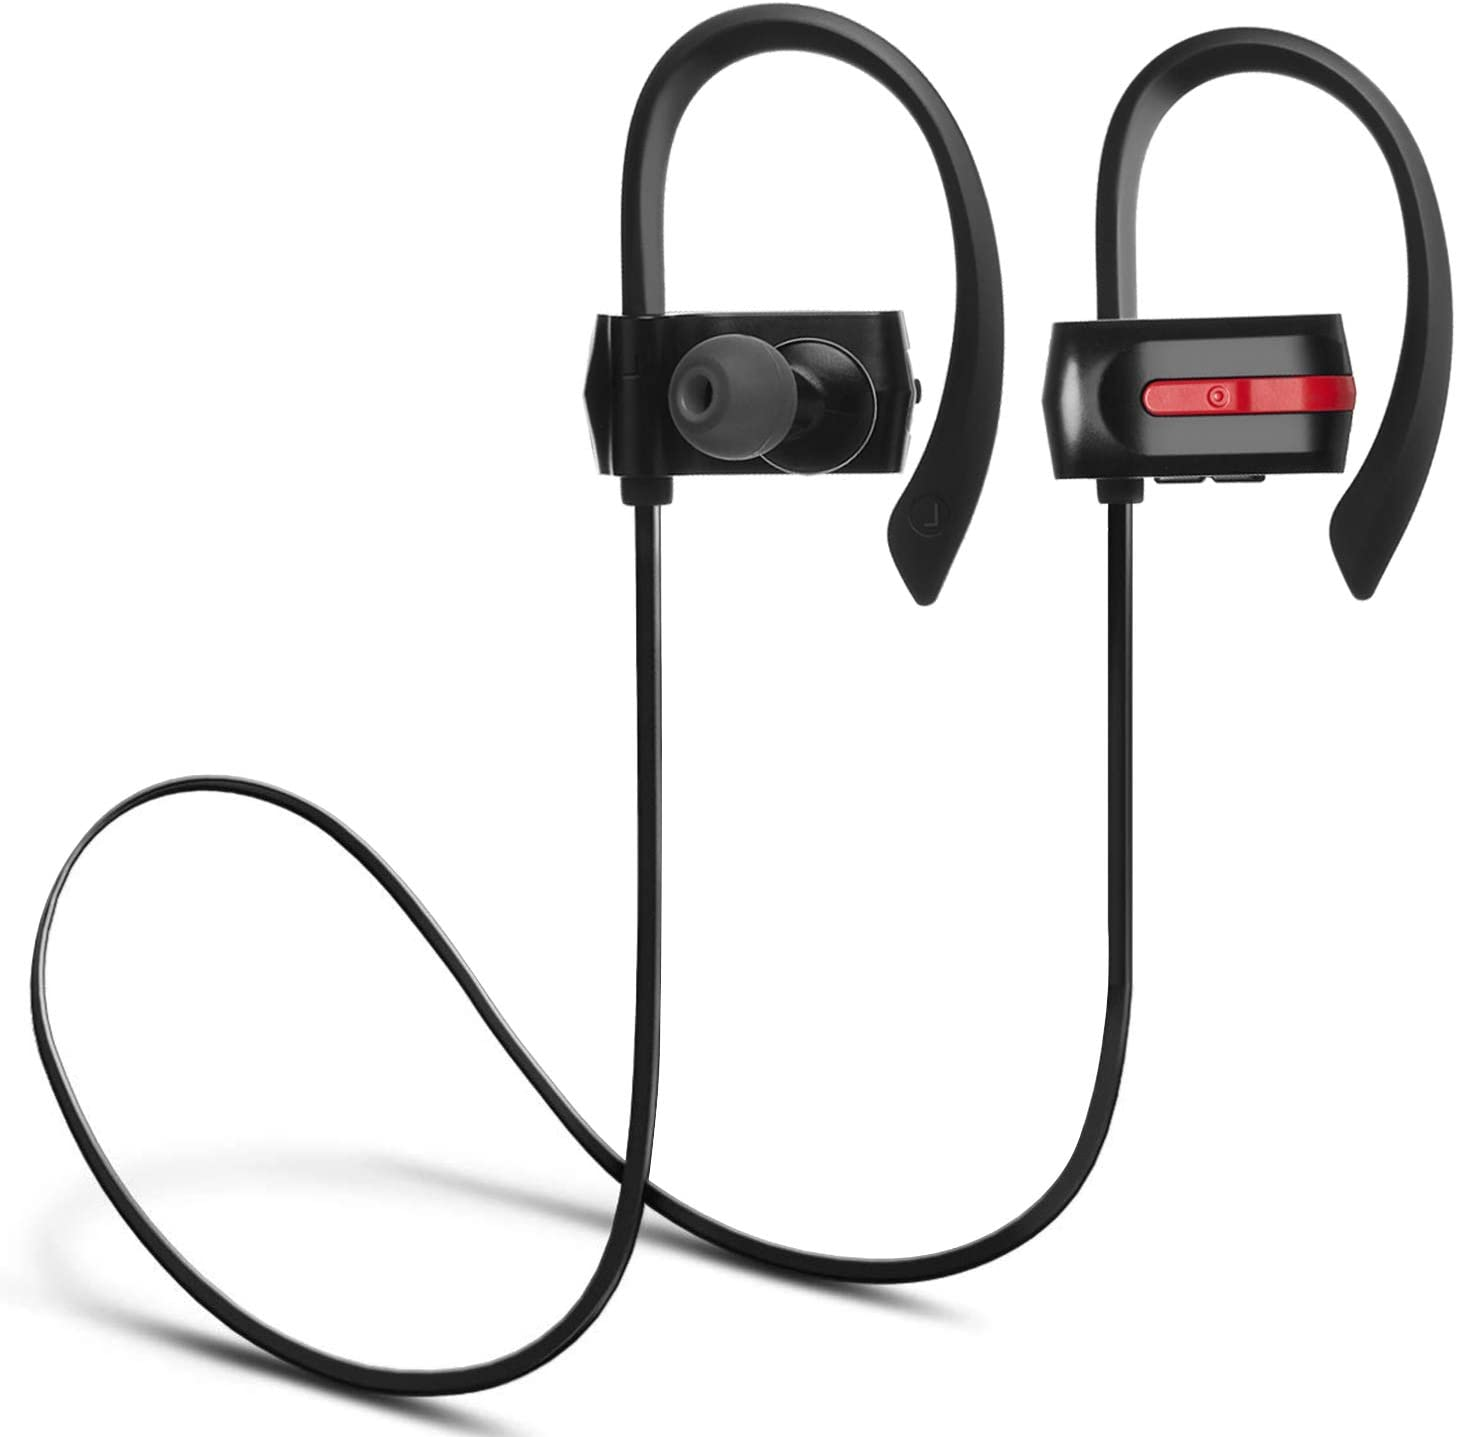 Auricolare Bluetooth, ZENBRE E3 Bluetooth 4.1 Stereo Auricolari, Auricolare Senza Fili Fino a 7 Hre di Riproduzione, Supporto Sweep Resistente Isolante con Bass Enhanced (Nero)